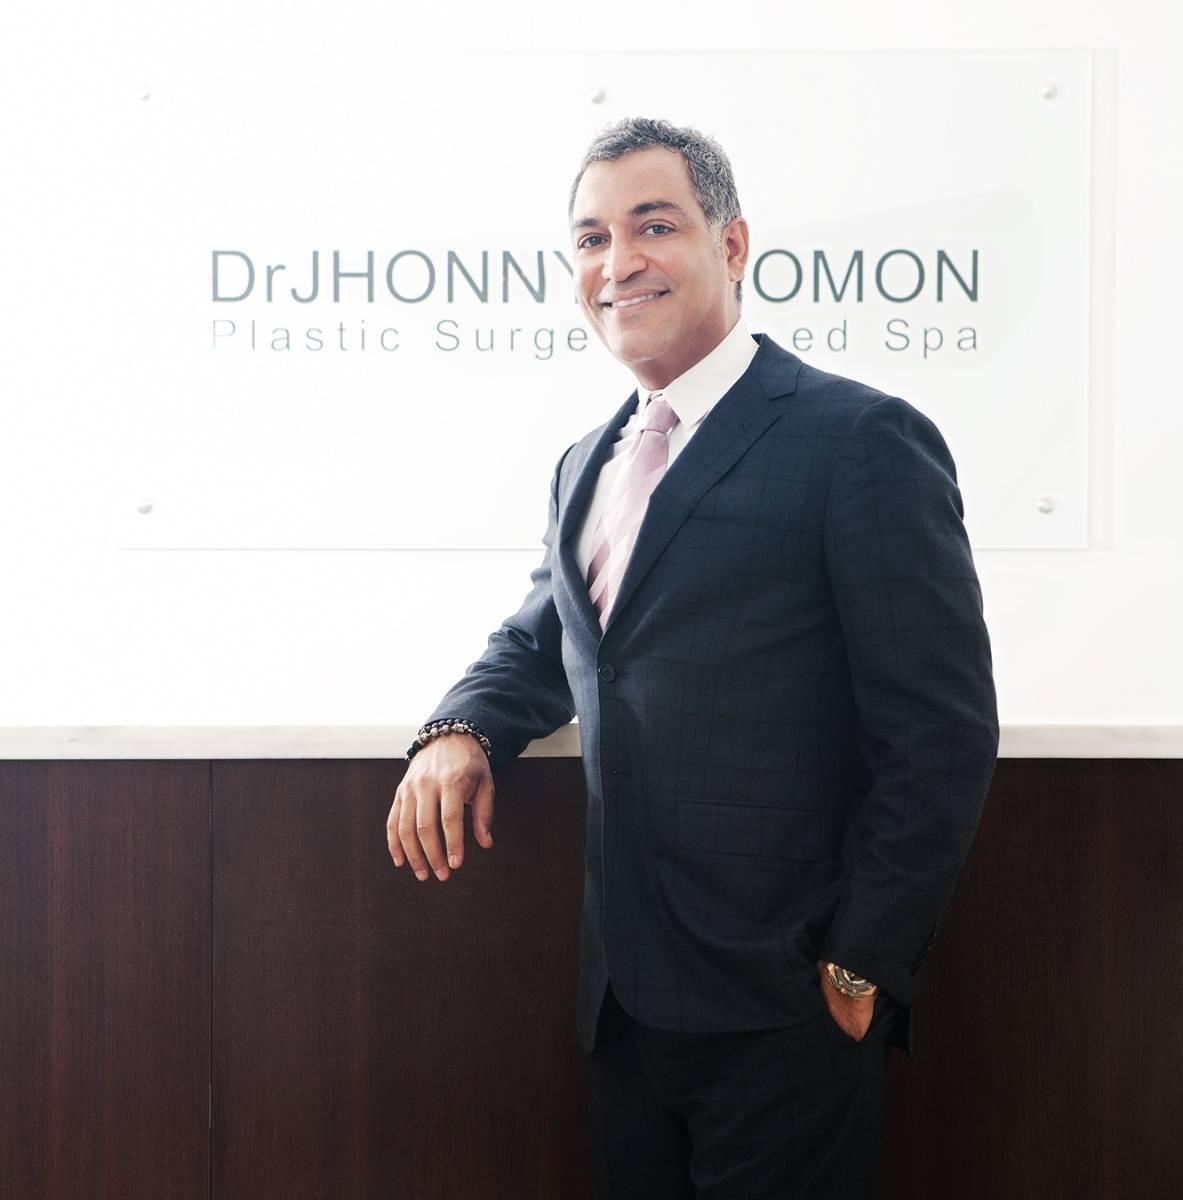 Dr. Jhnonny Salomon